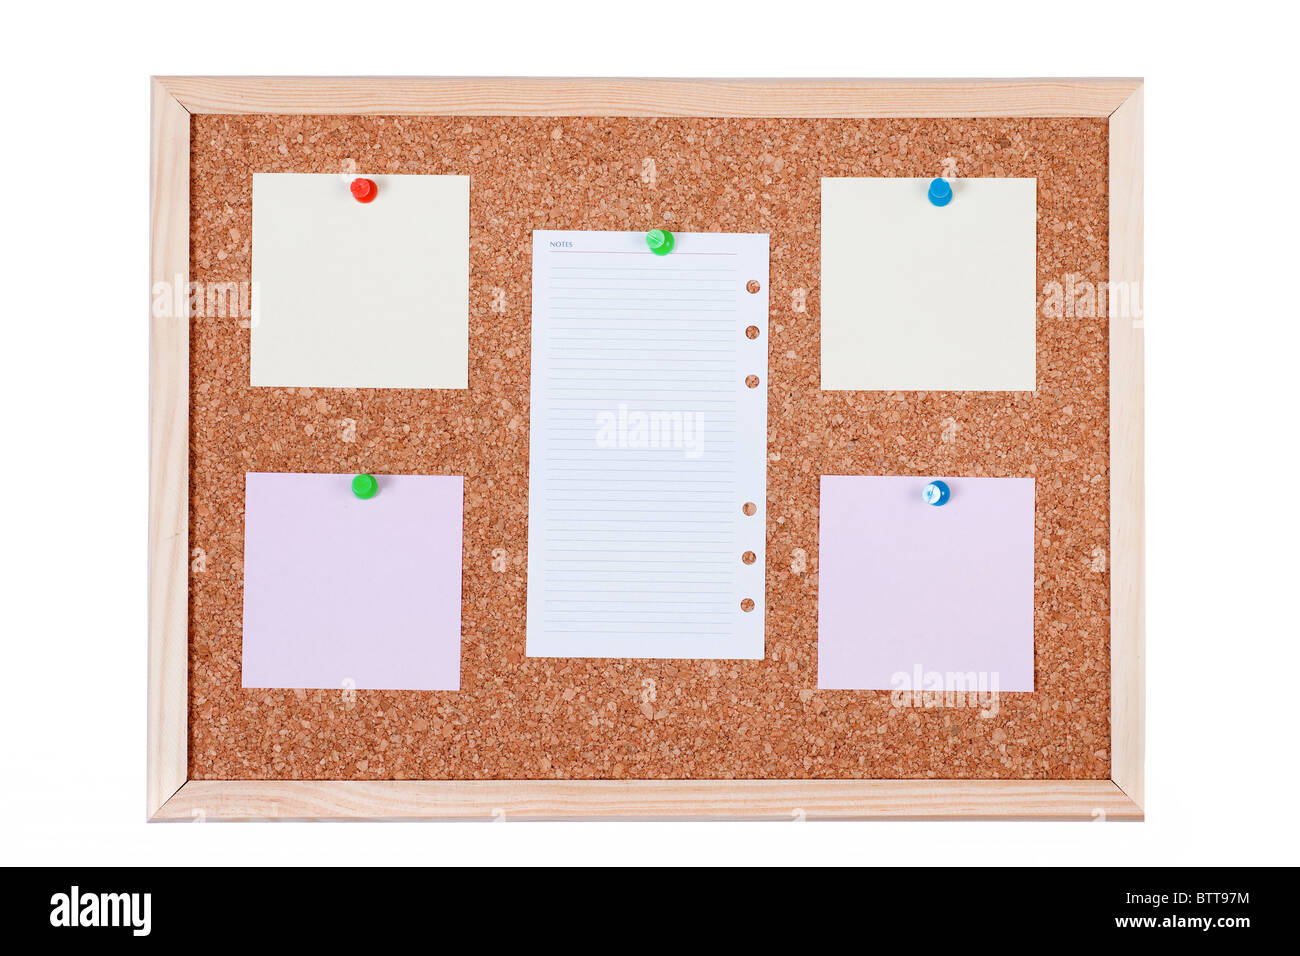 zettel hinweis auf einer kork pinnwand isoliert auf wei em hintergrund stockfoto bild. Black Bedroom Furniture Sets. Home Design Ideas